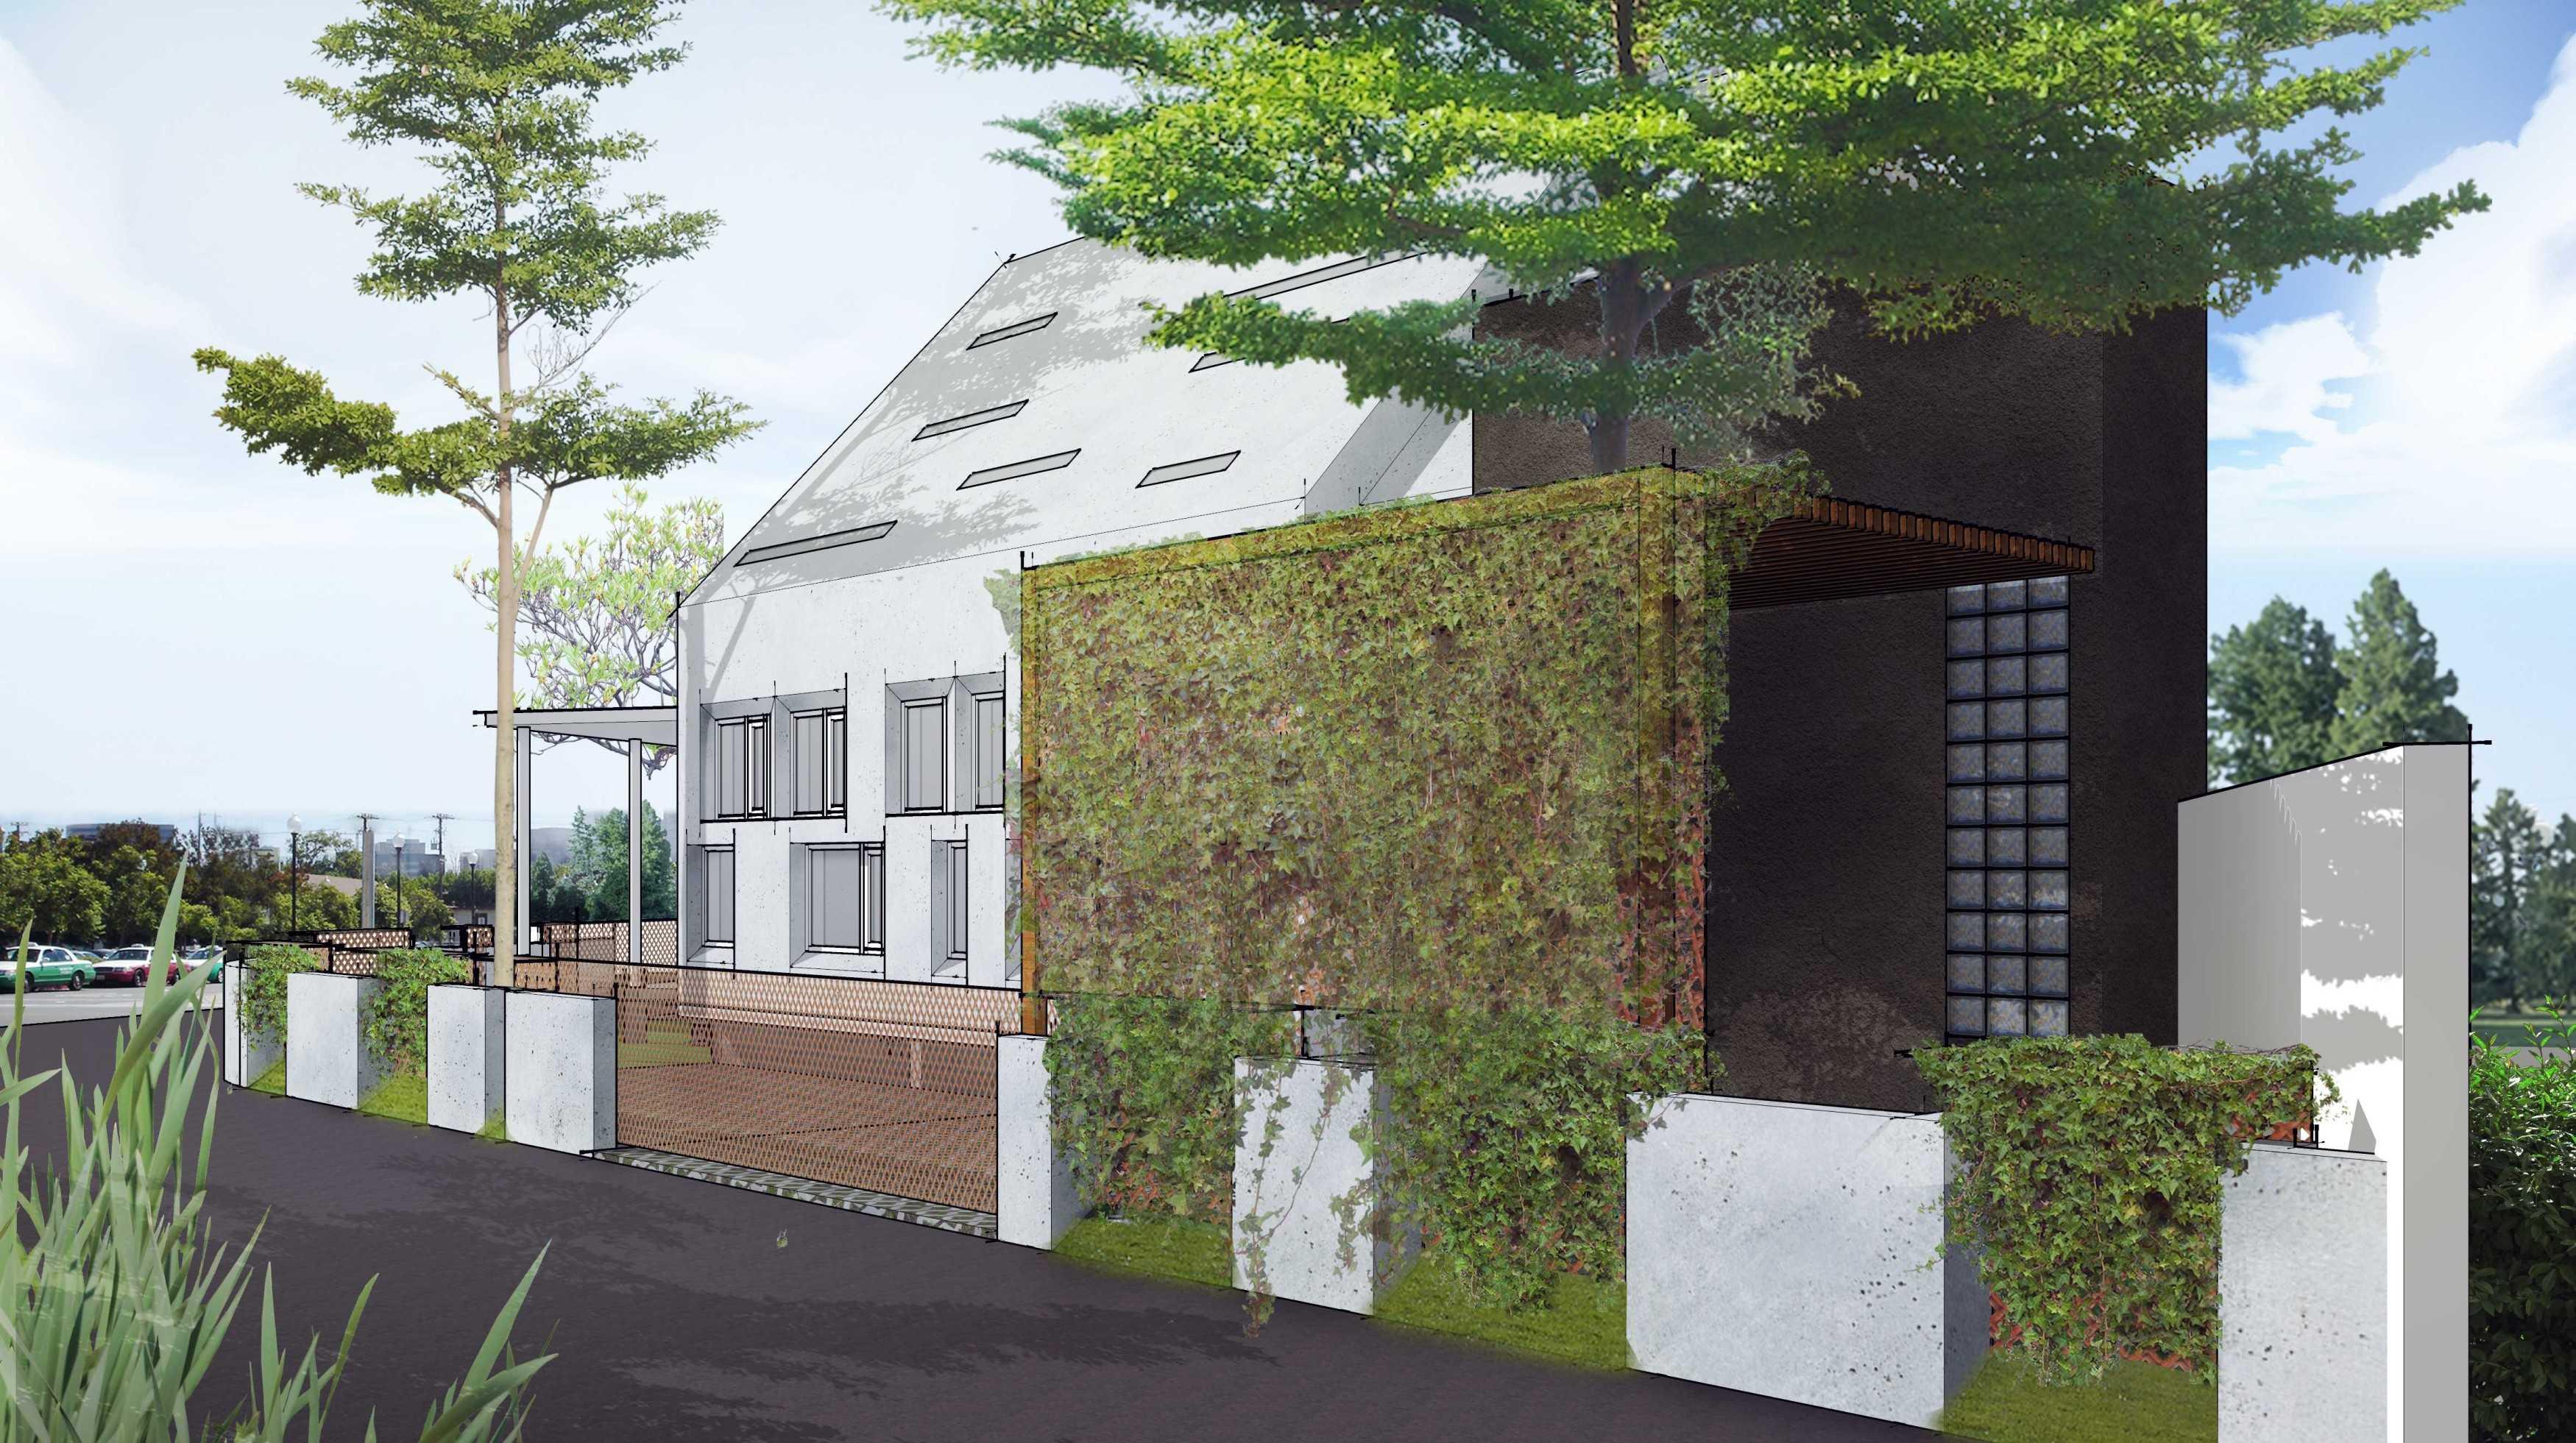 Gubah Ruang Studio Fc Residence Bogor, Jawa Barat, Indonesia Bogor, Jawa Barat, Indonesia Exterior View   50853